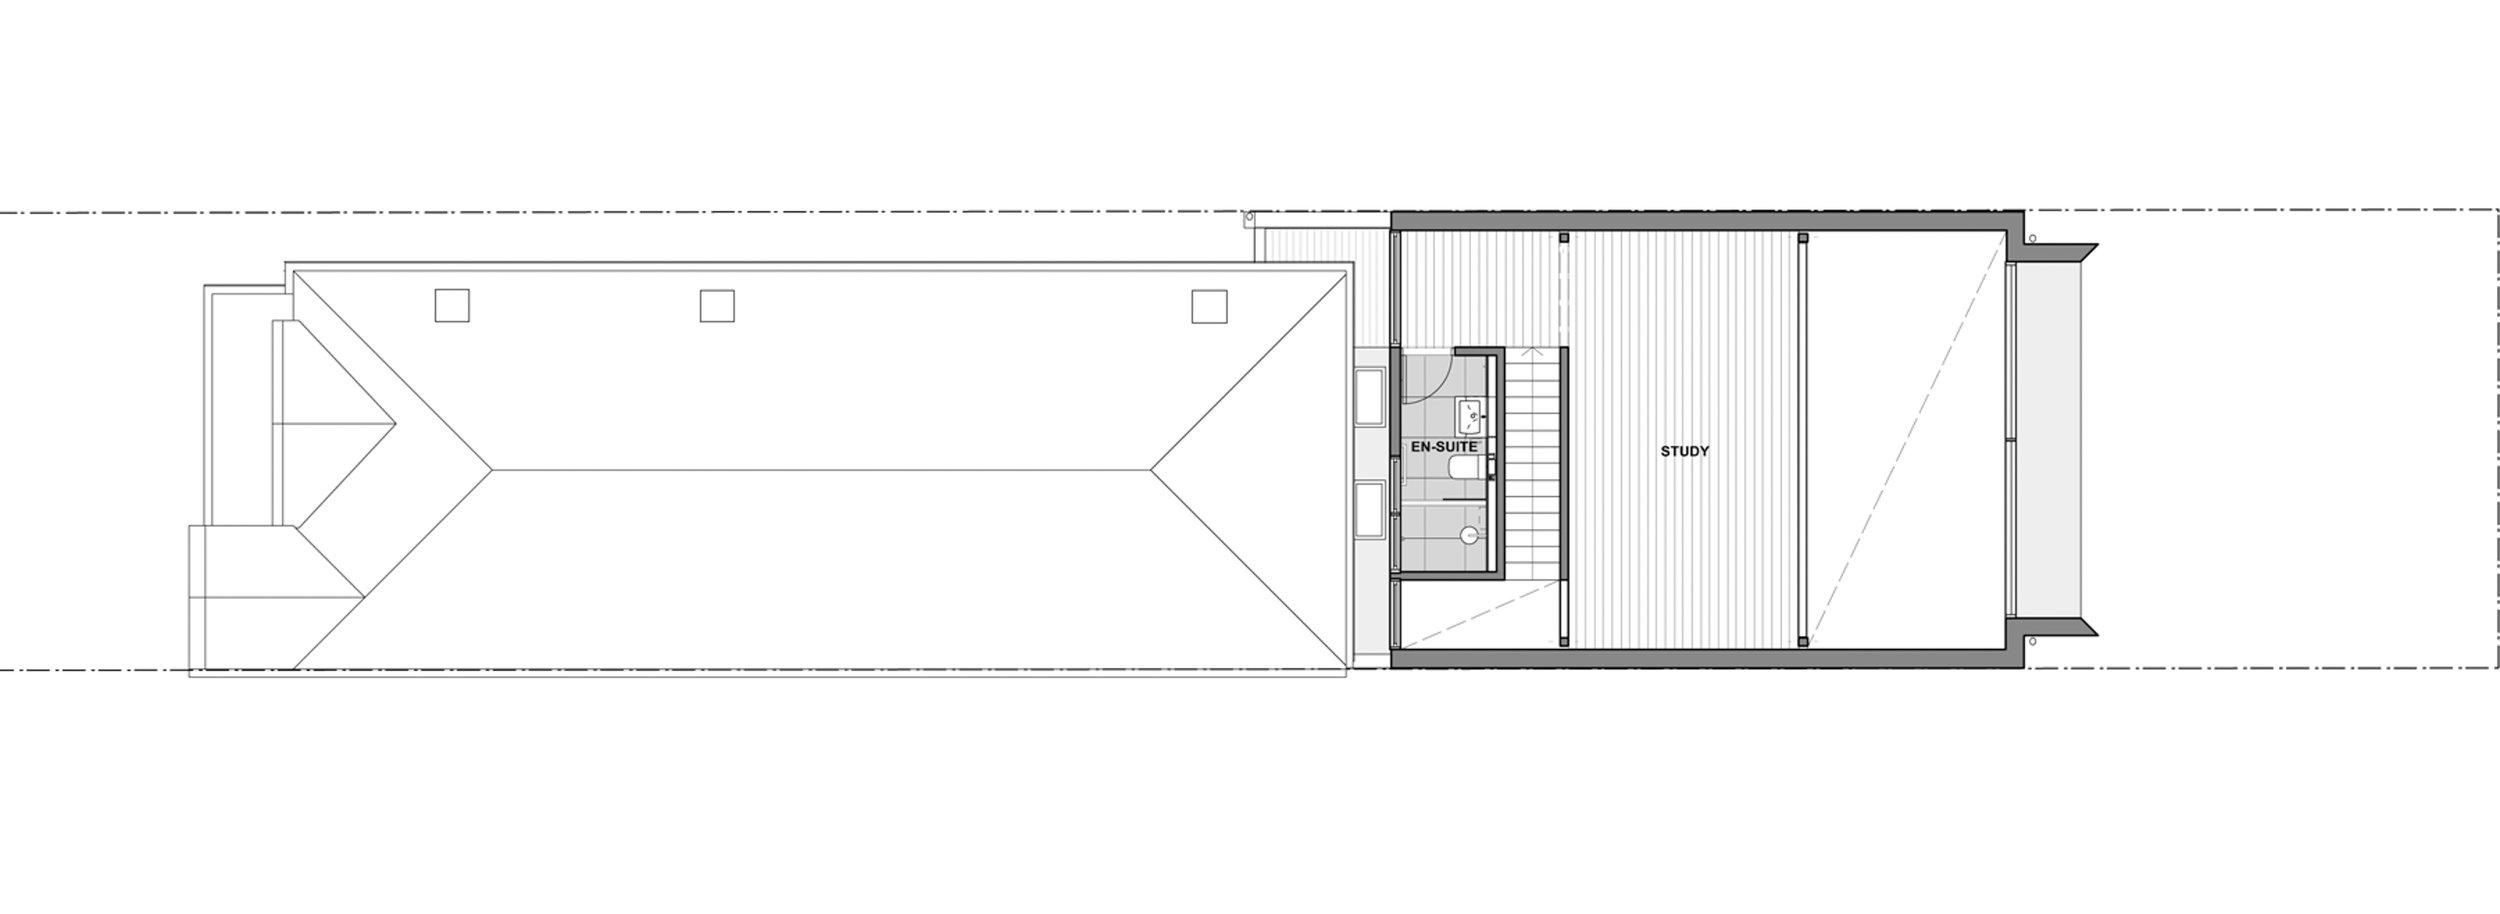 brick-aperture-house-kreis-grennan-architecture-the-design-emotive-12.jpg